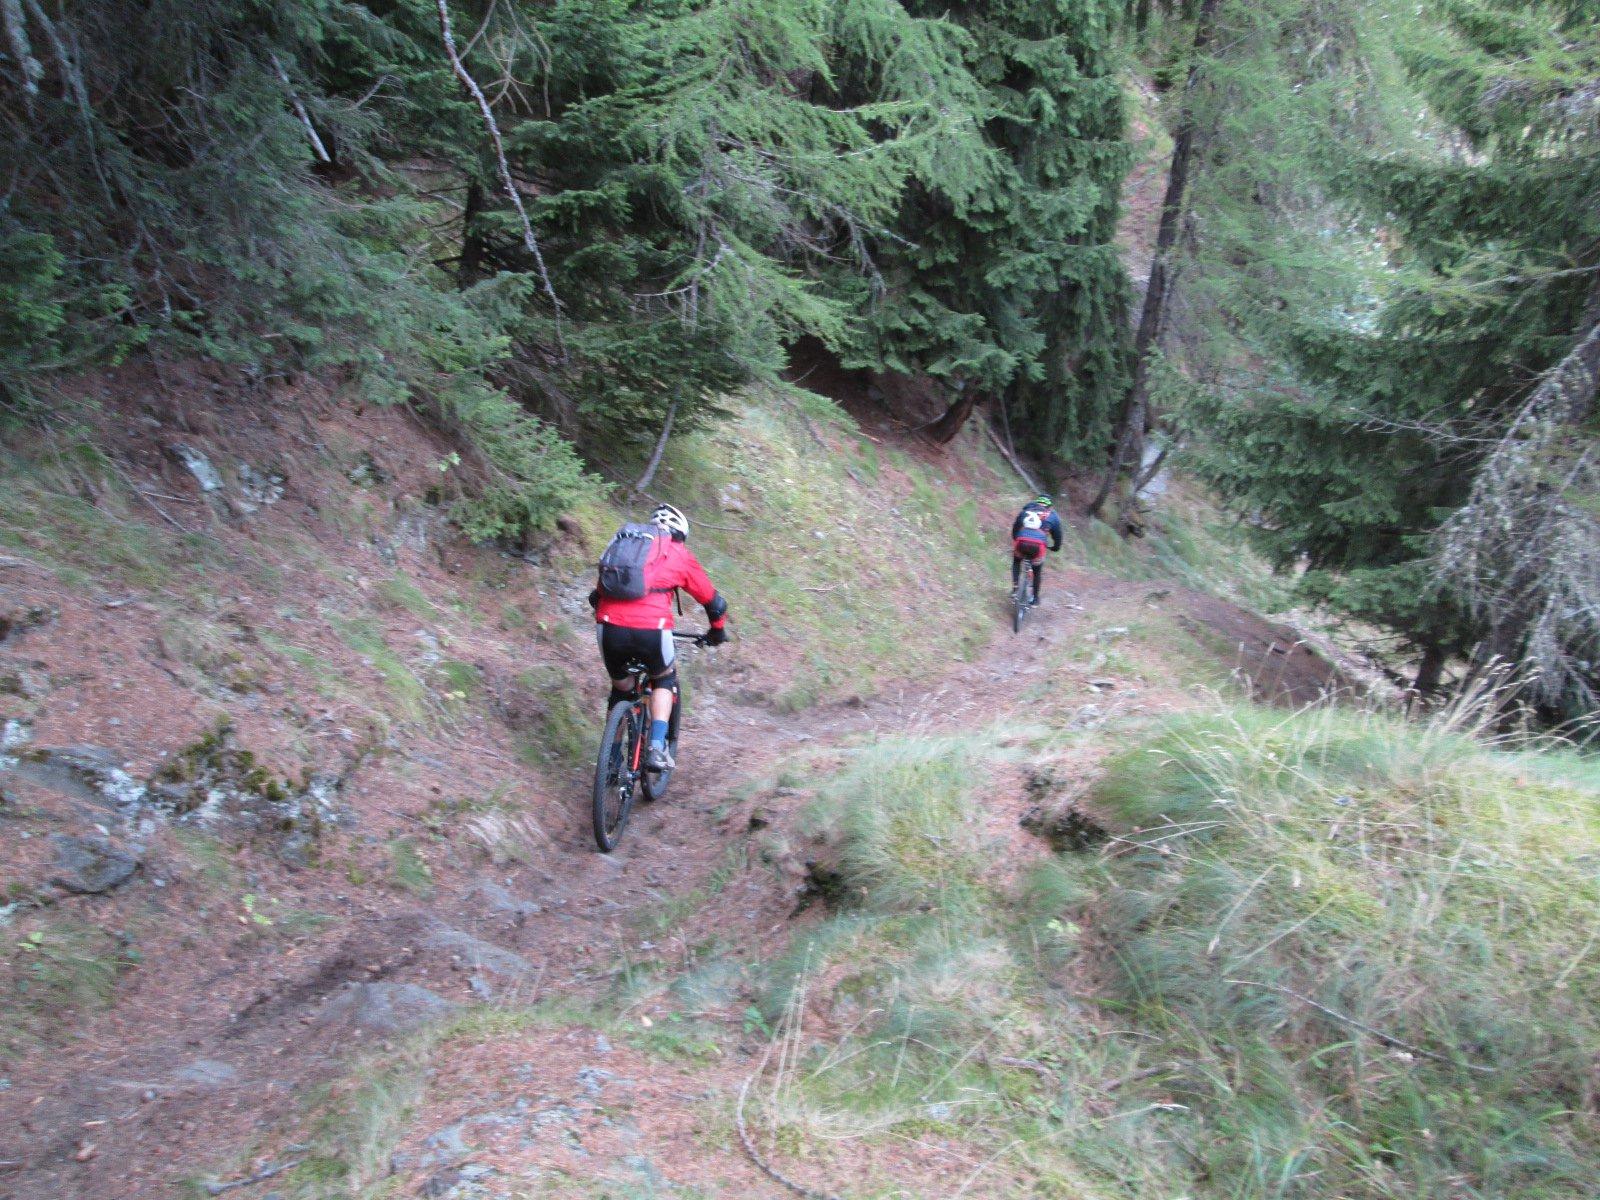 Champromenty (Alpe) da Introd, giro 2016-09-24